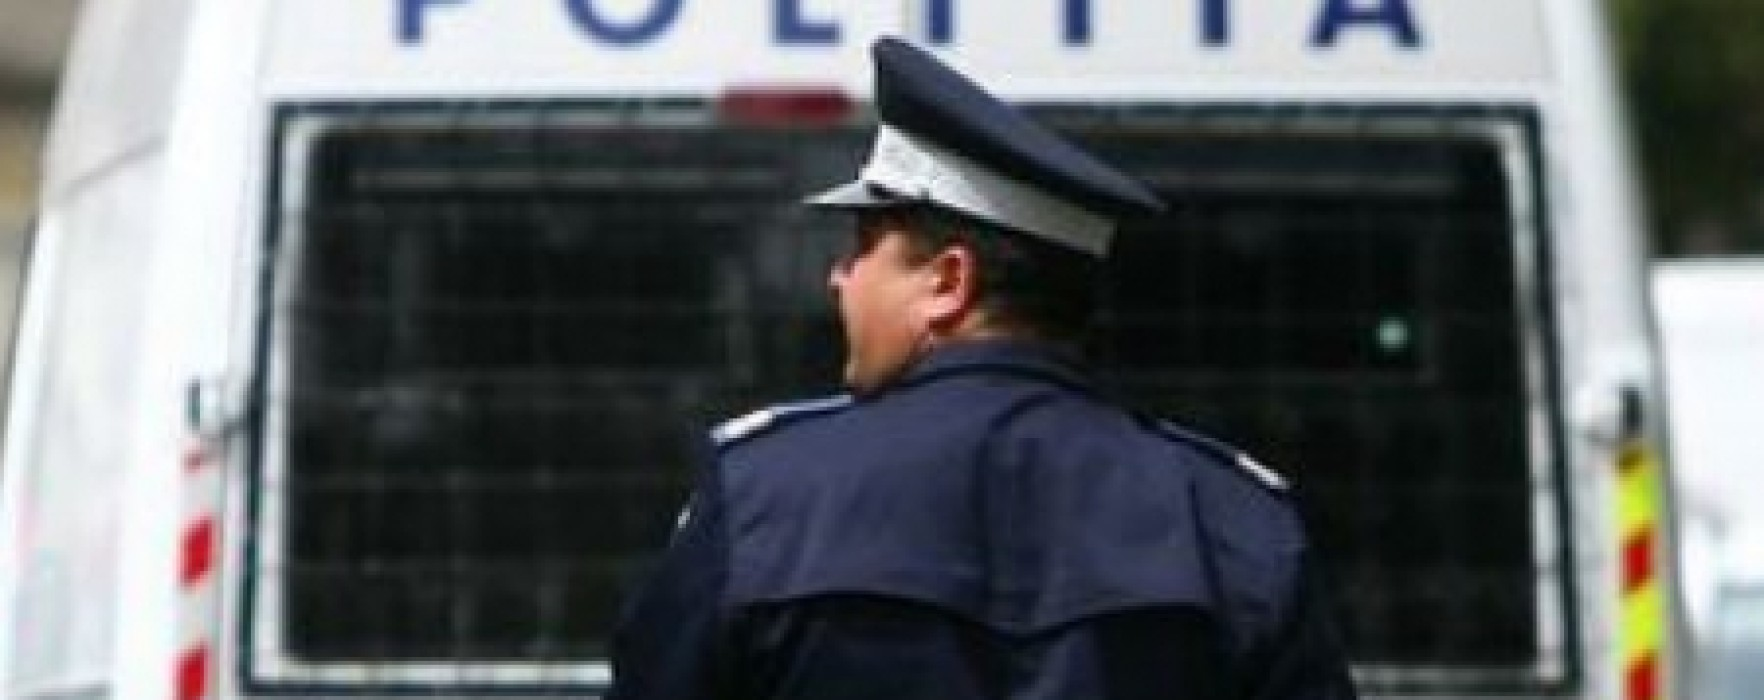 Dâmboviţa: Un bărbat a reclamat că a fost tâlhărit după ce s-a întâlnit cu o tânără pentru a întreţine relaţii sexuale